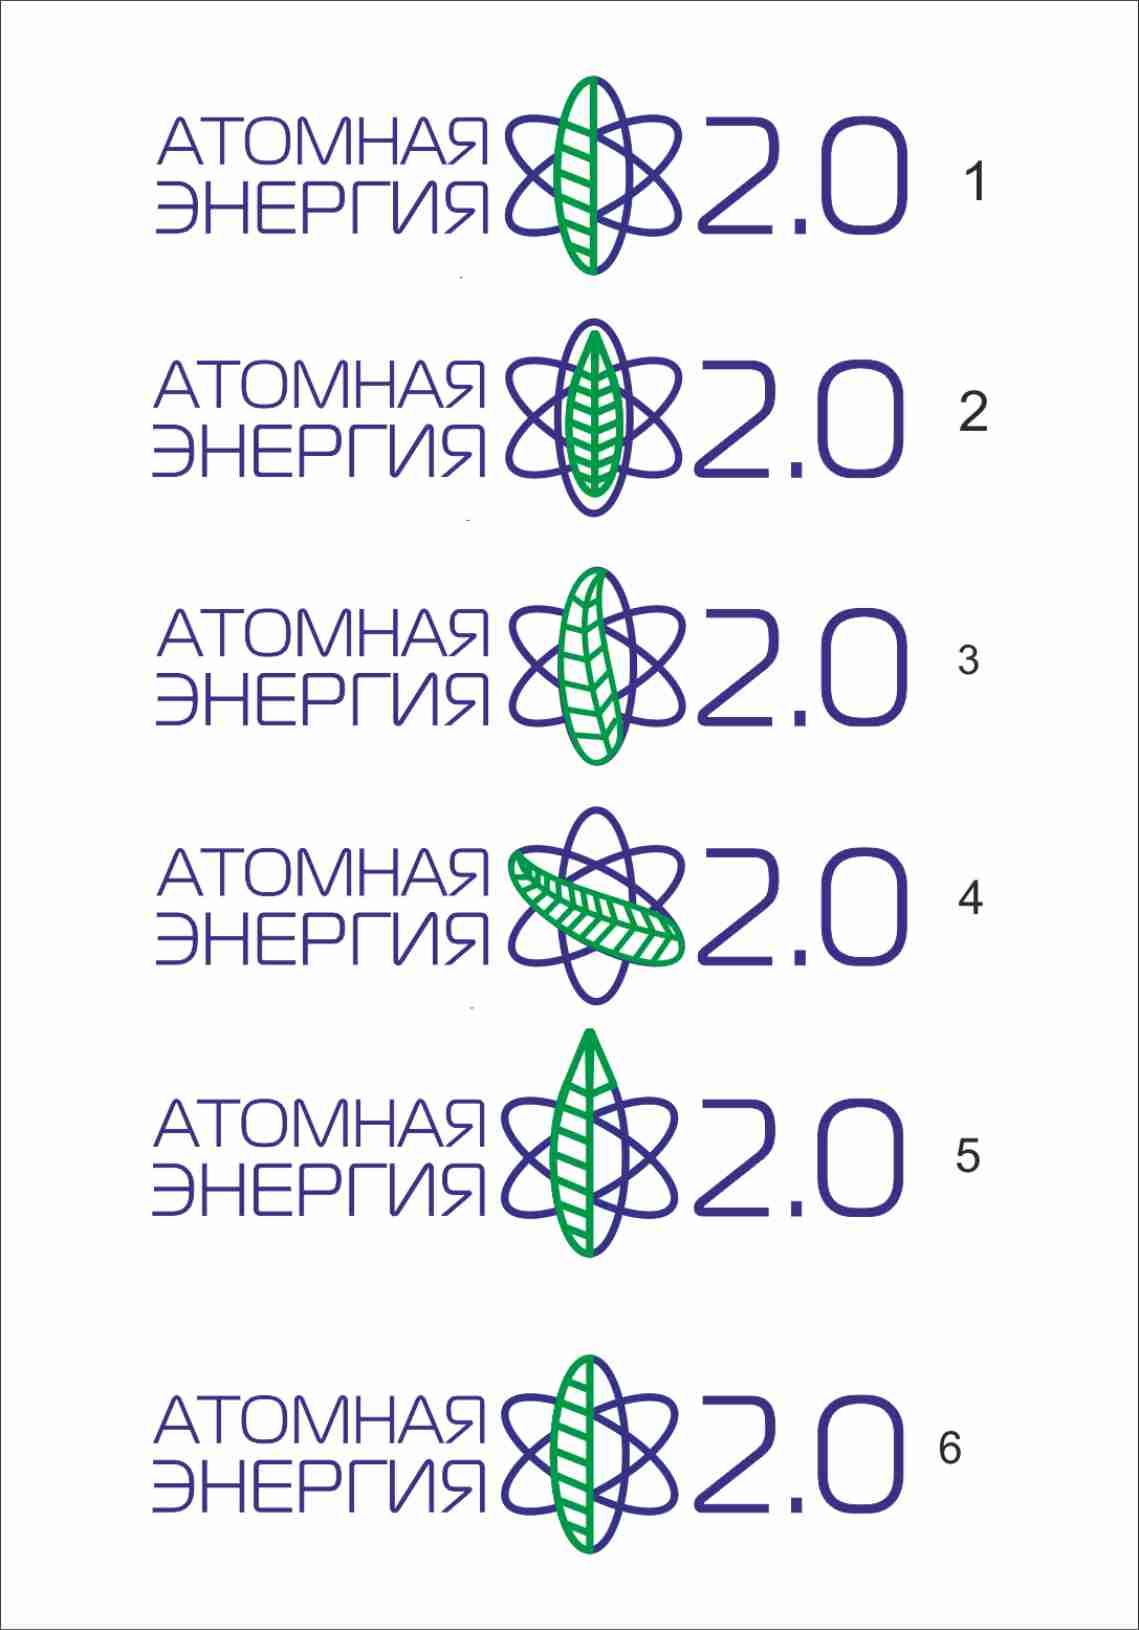 """Фирменный стиль для научного портала """"Атомная энергия 2.0"""" фото f_28859fcde9a110c6.jpg"""